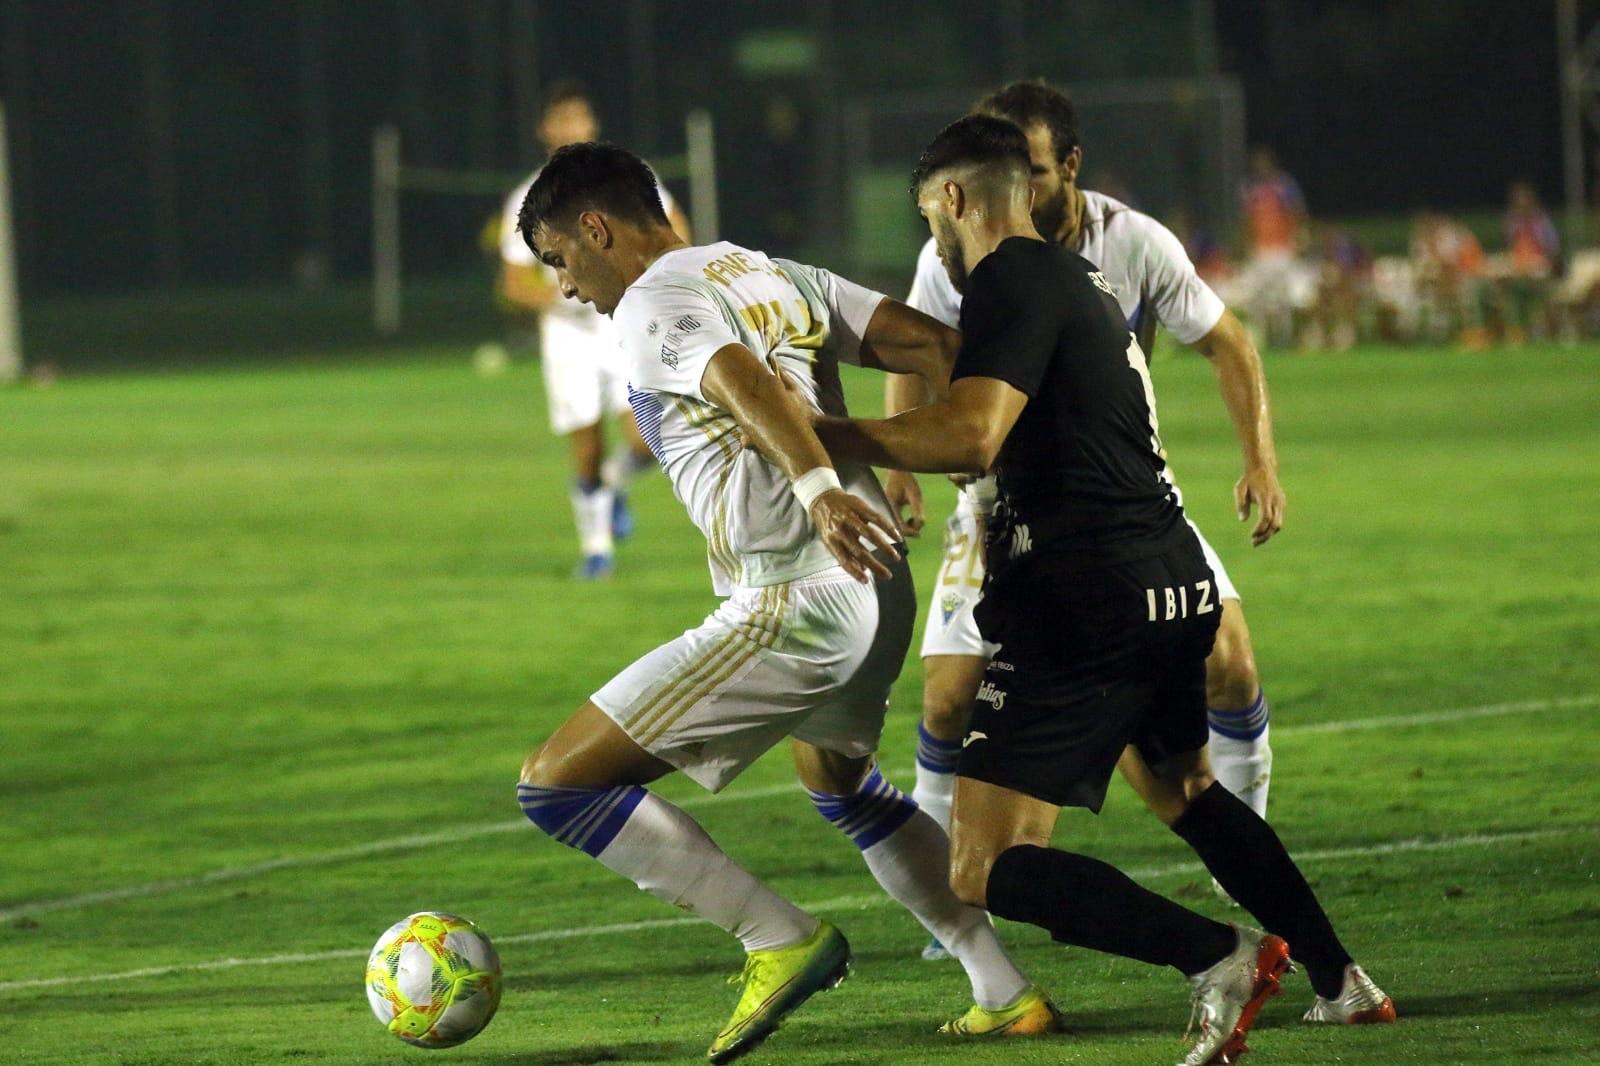 El Marbella F.C. cae ante la Peña Deportiva